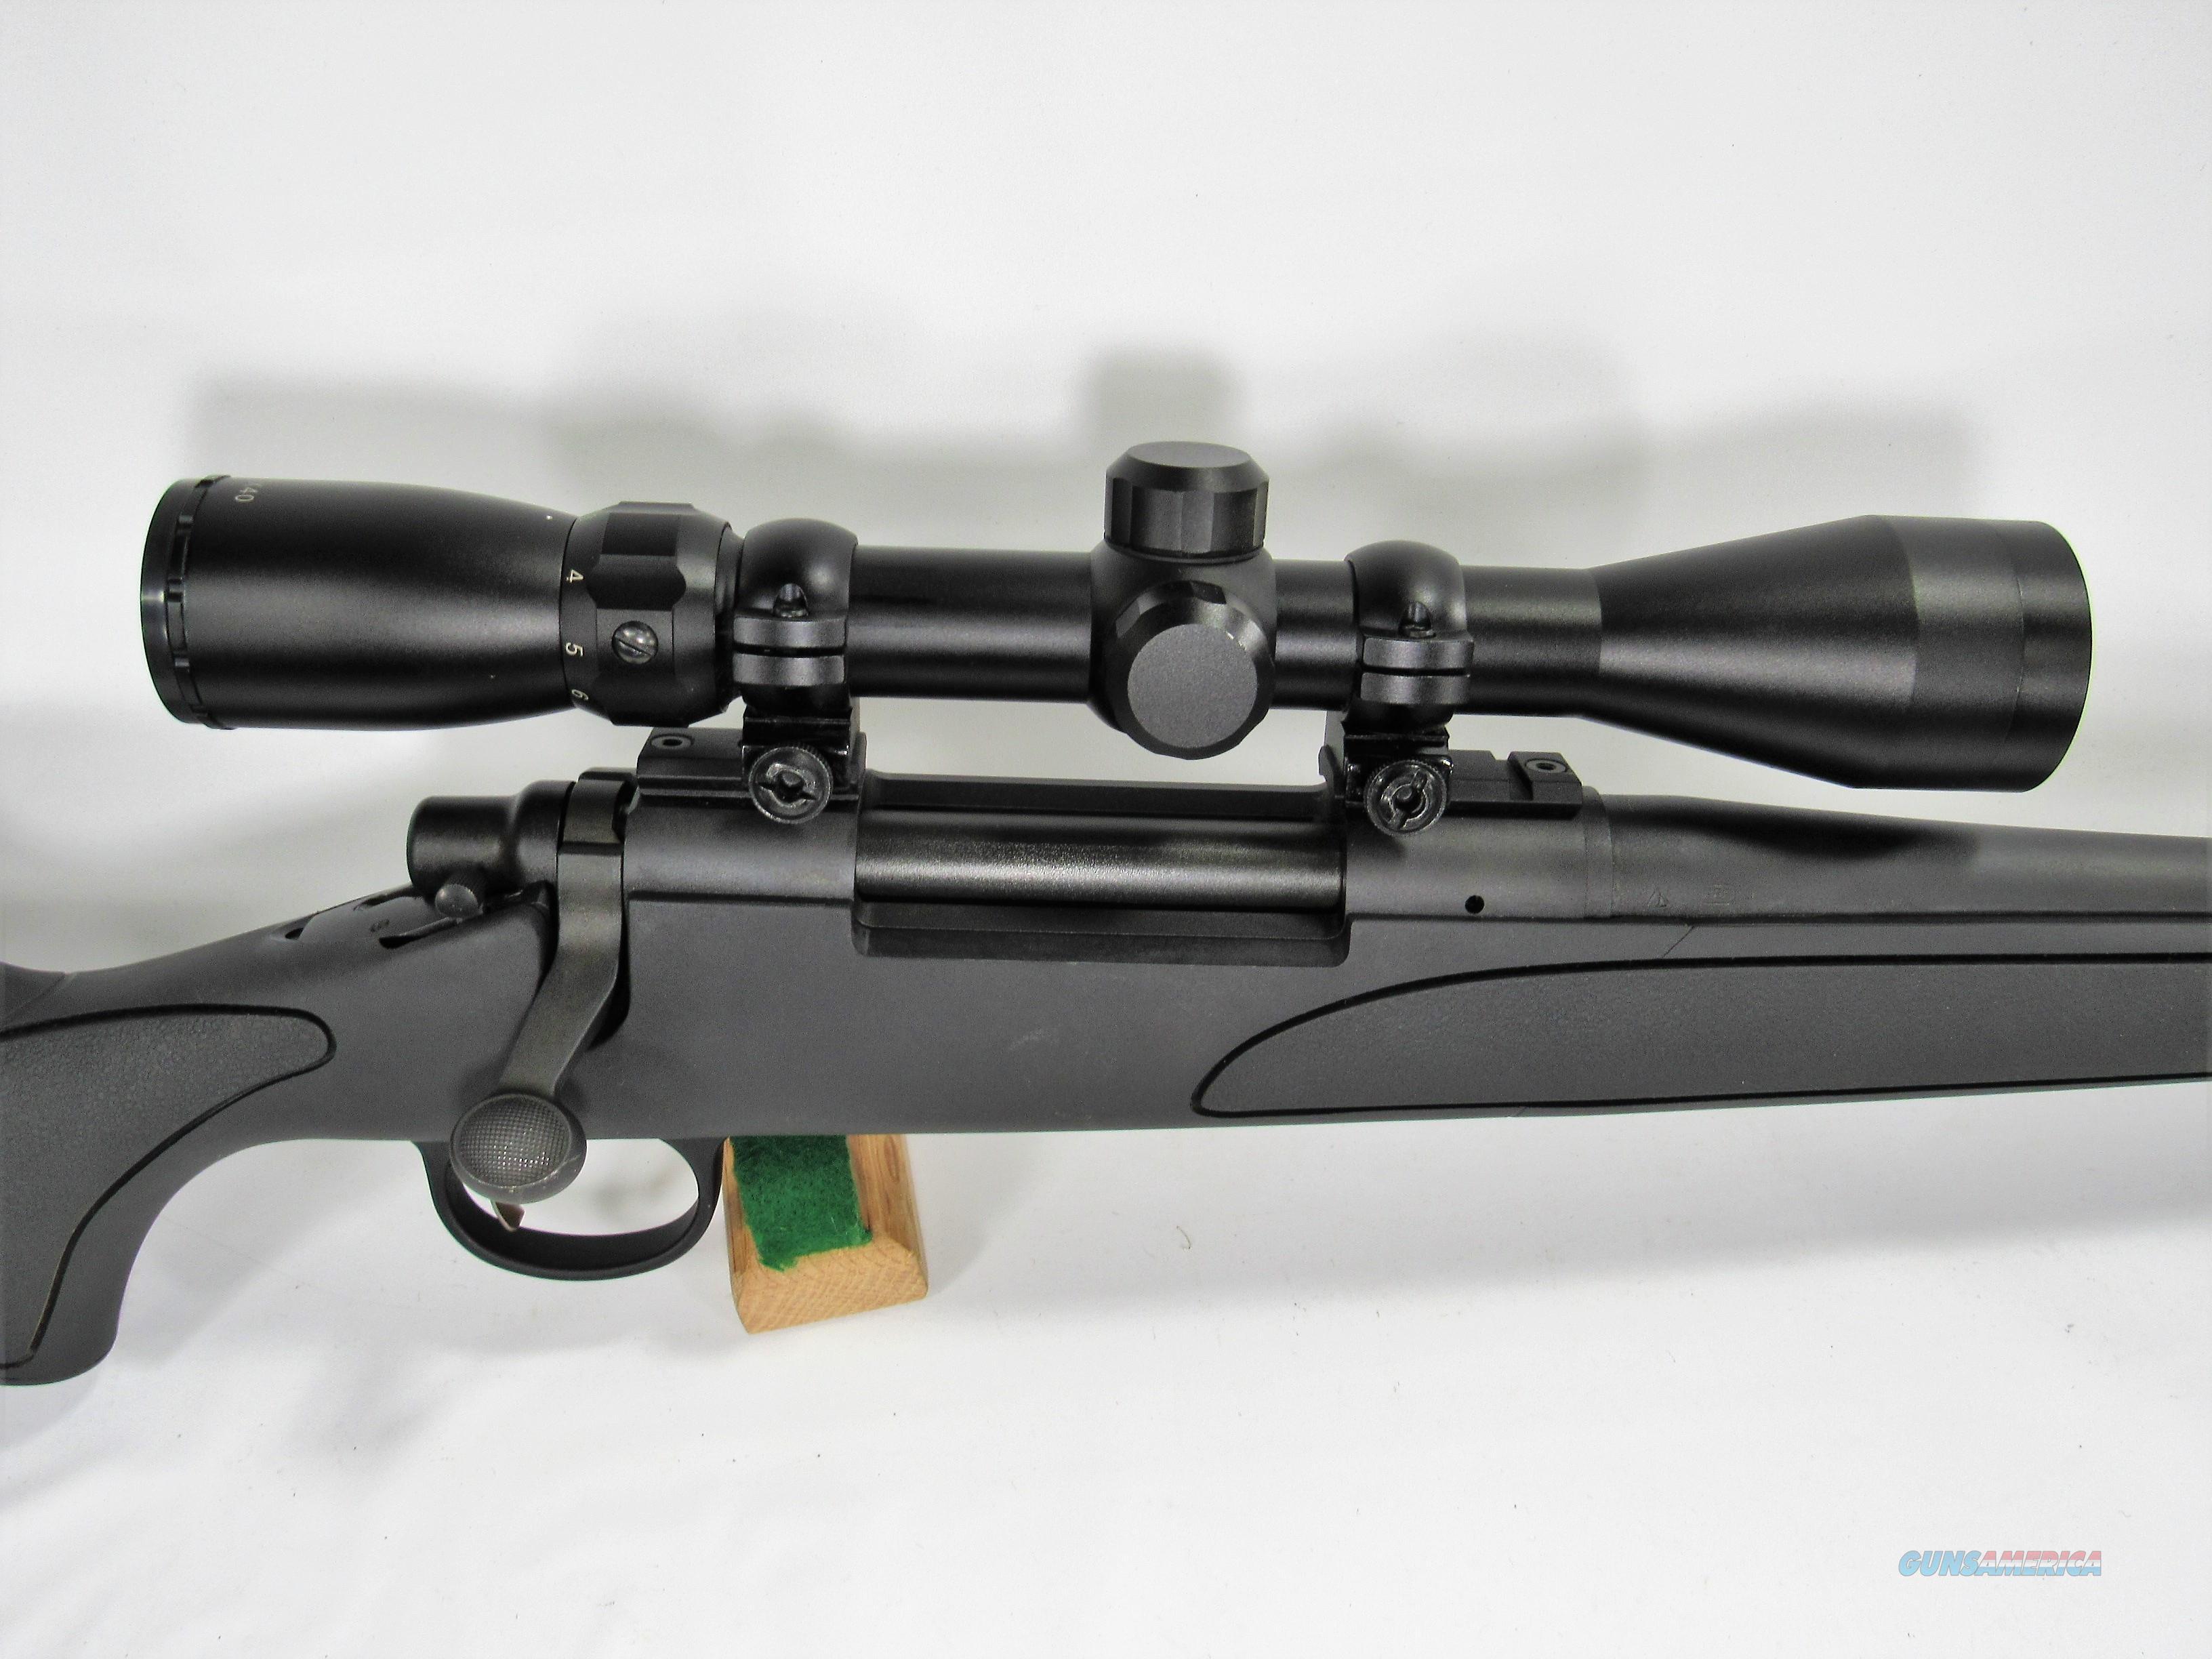 126Y REMINGTON 700 ADL 30-06  Guns > Rifles > Remington Rifles - Modern > Model 700 > Sporting